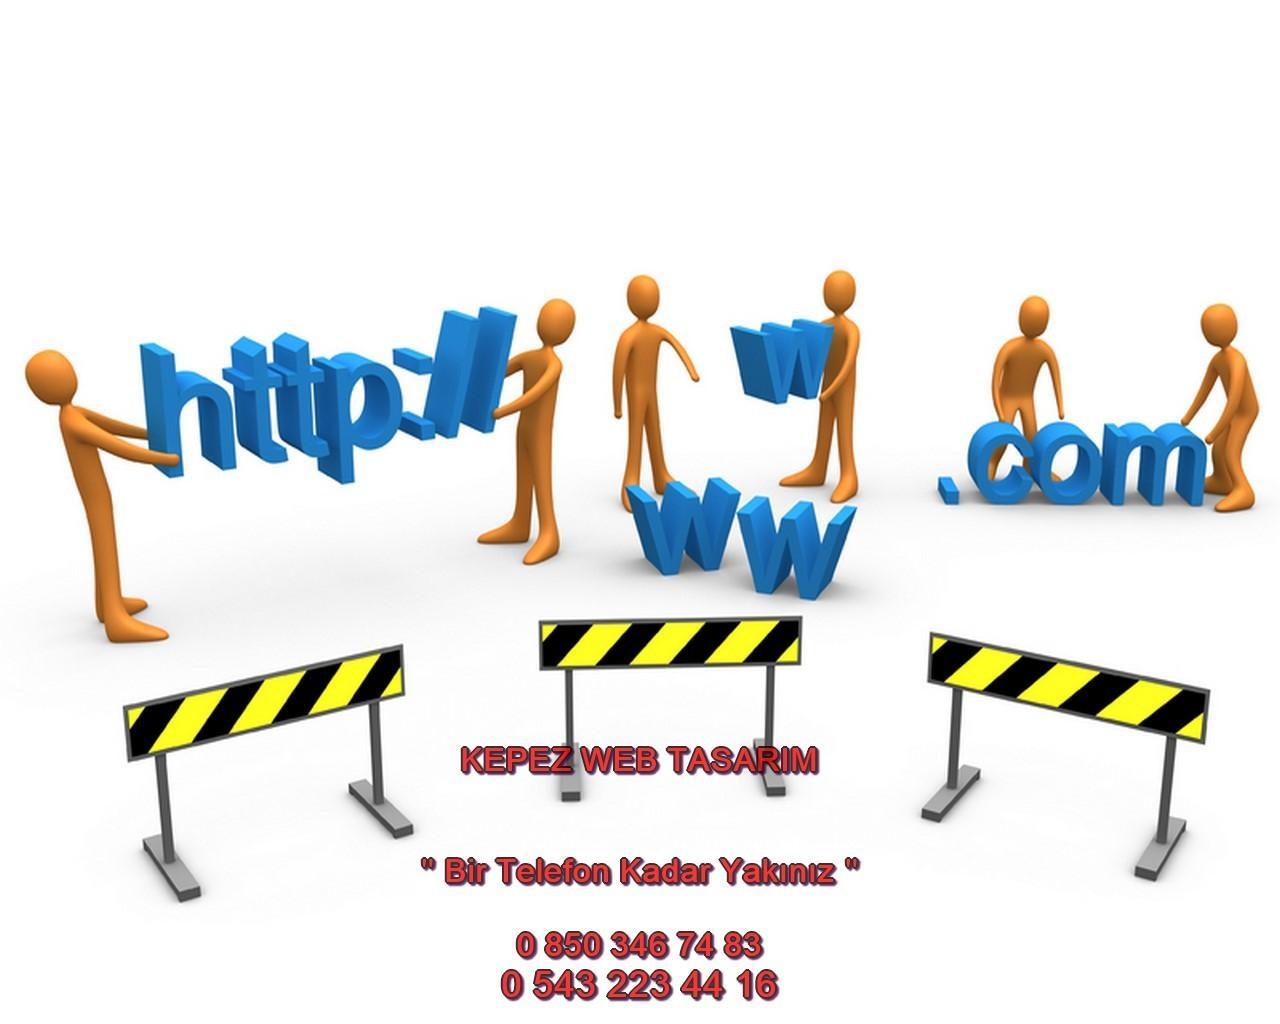 Kepez Web Tasarım